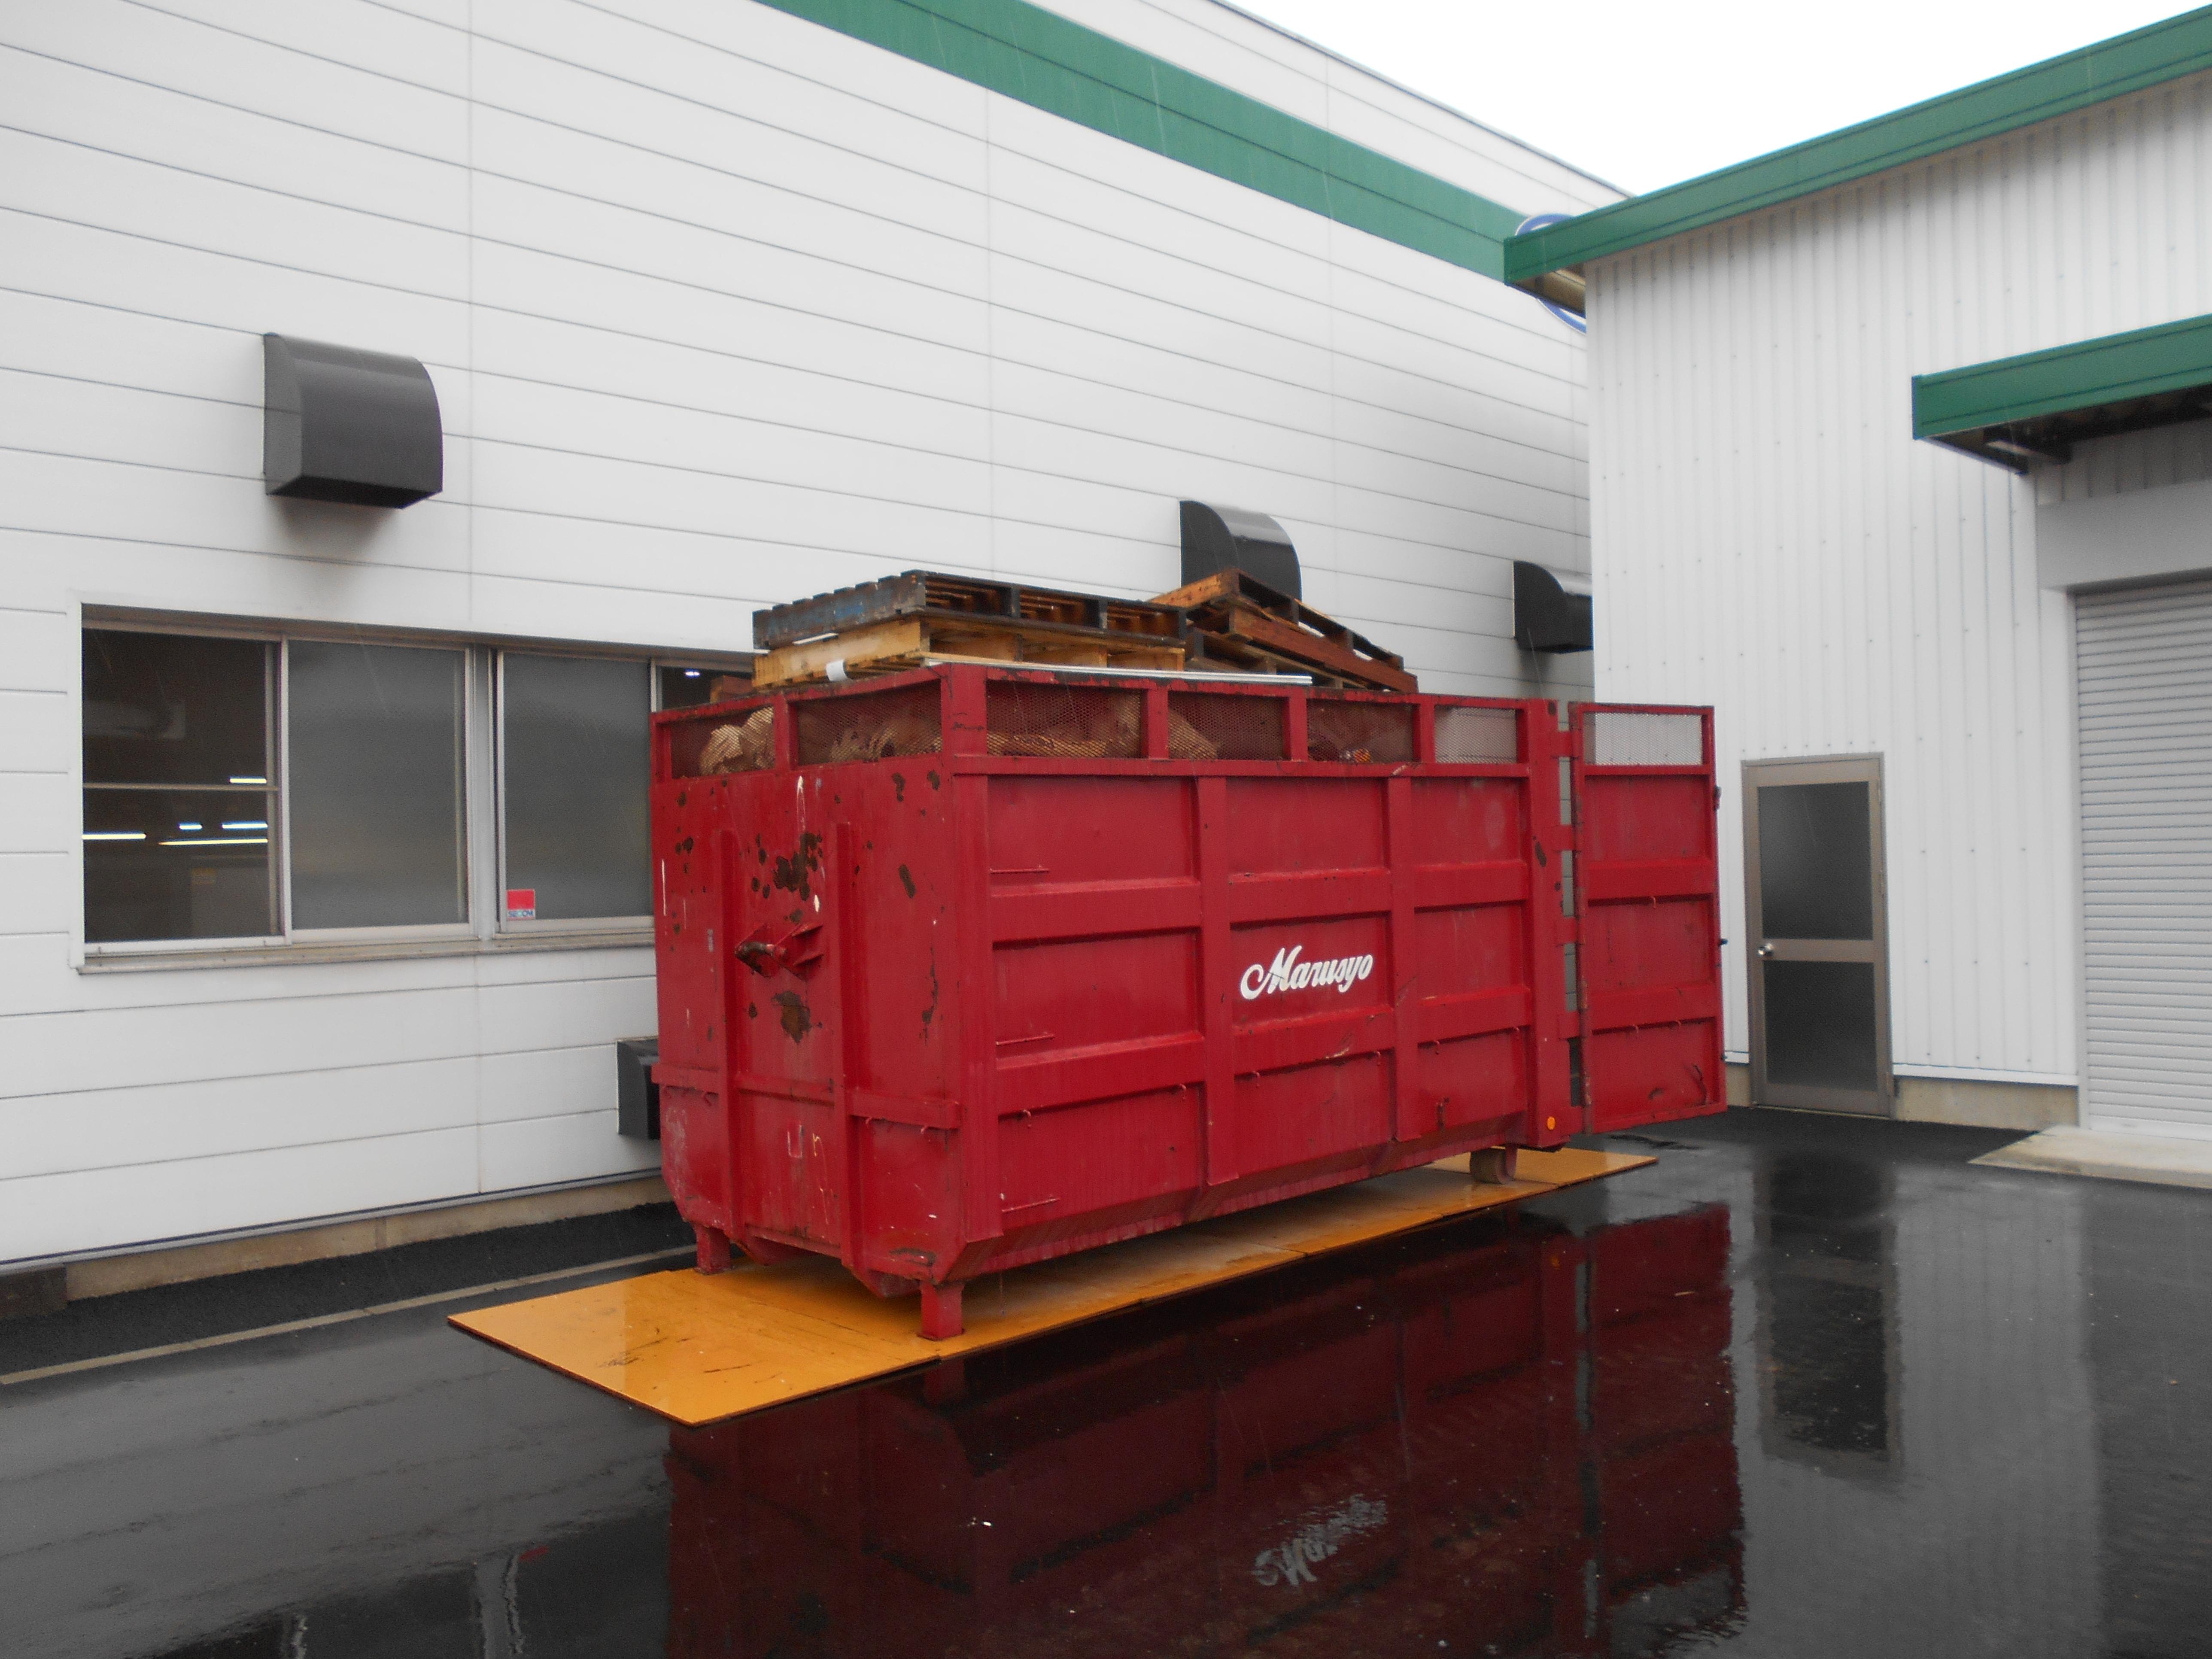 【コンテナ設置】工場から排出される産業廃棄物の収集運搬を行った事例を紹介します。コンテナ交換でスムーズに!